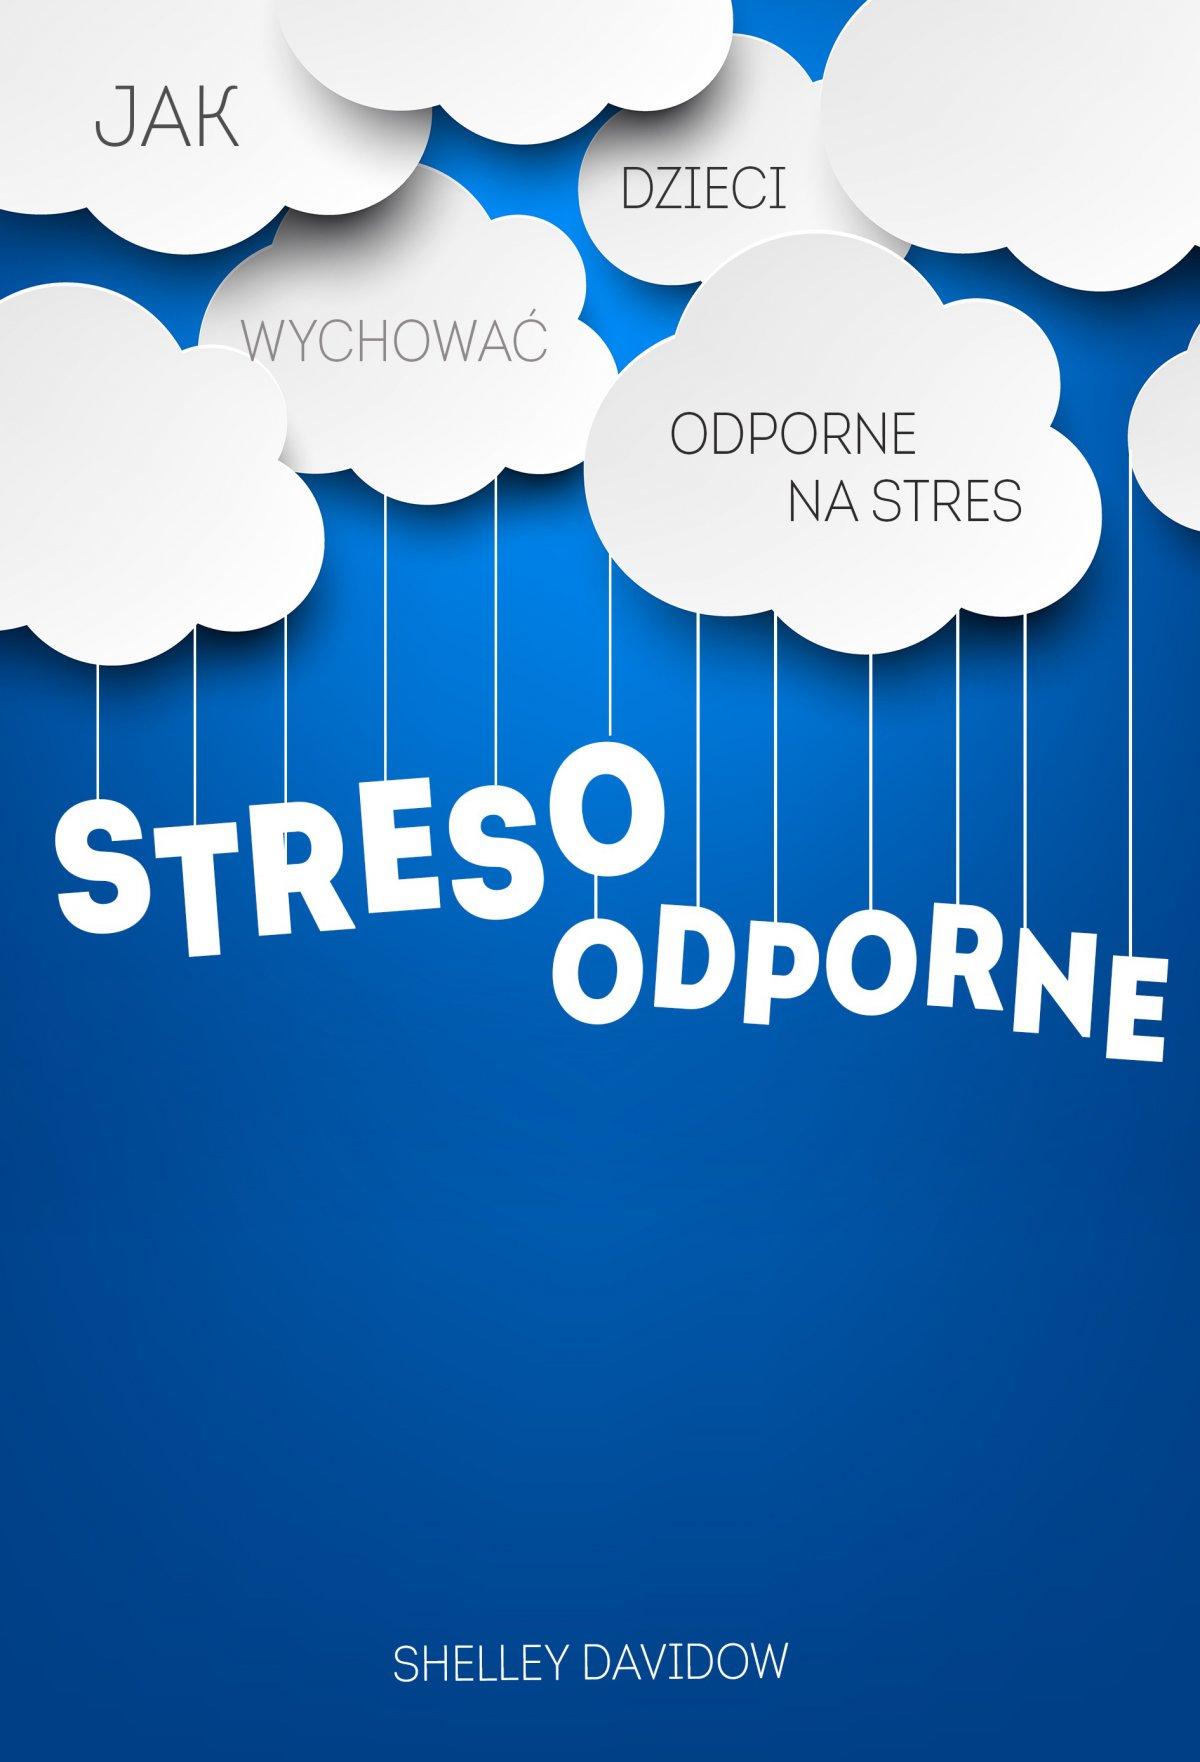 Stresoodporne. Jak wychować dzieci odporne na stres - Ebook (Książka na Kindle) do pobrania w formacie MOBI